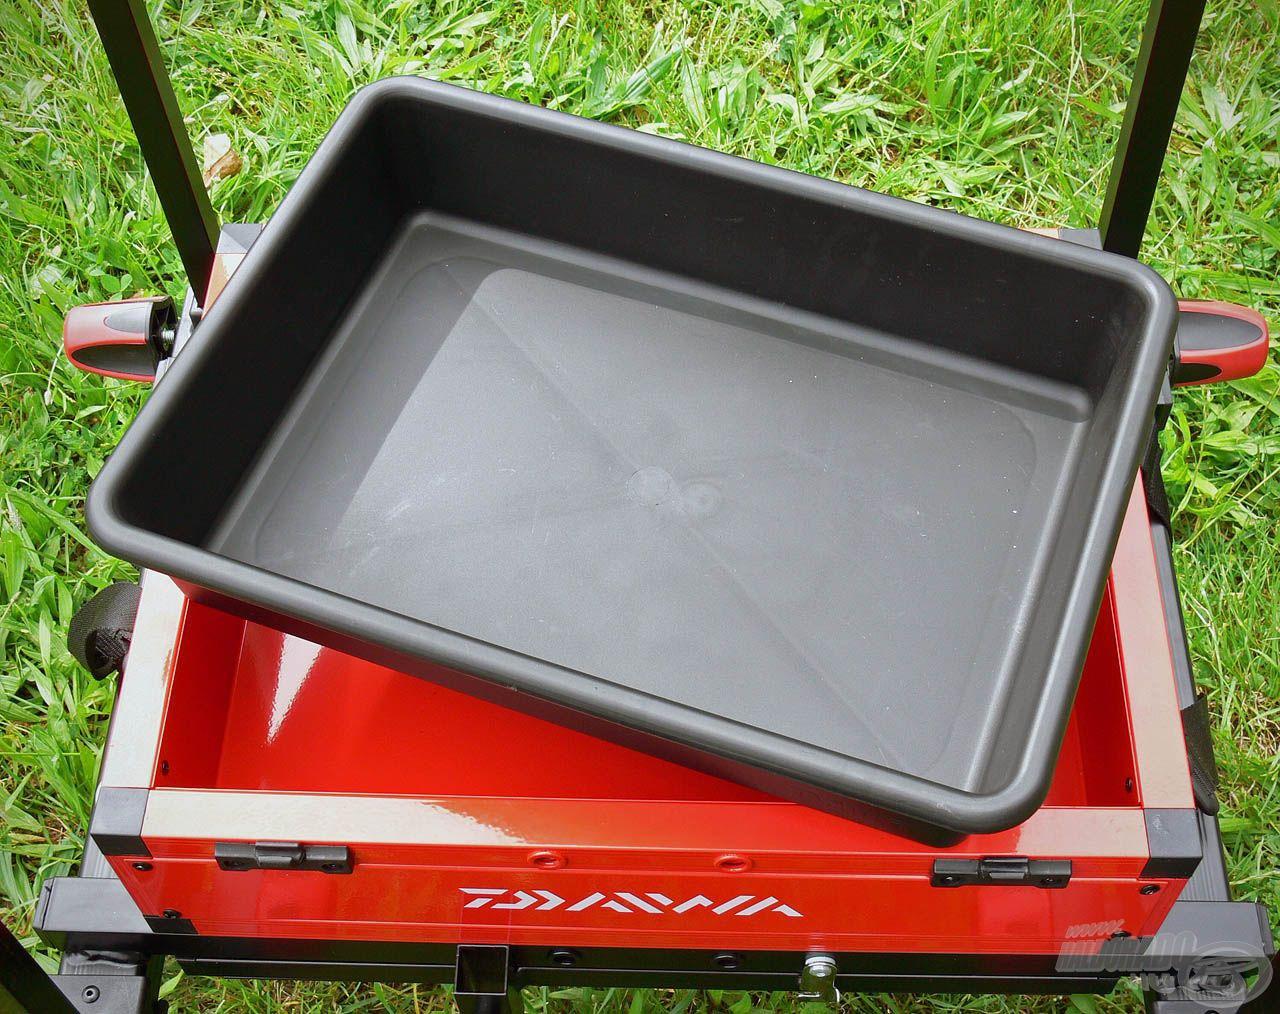 A láda alsó tároló rekeszében található egy fekete műanyag tálca, mely kivehető, így kiválóan használható etetőanyagos vagy csalis tálcaként, miközben a felszabaduló rekesze további helyet biztosít